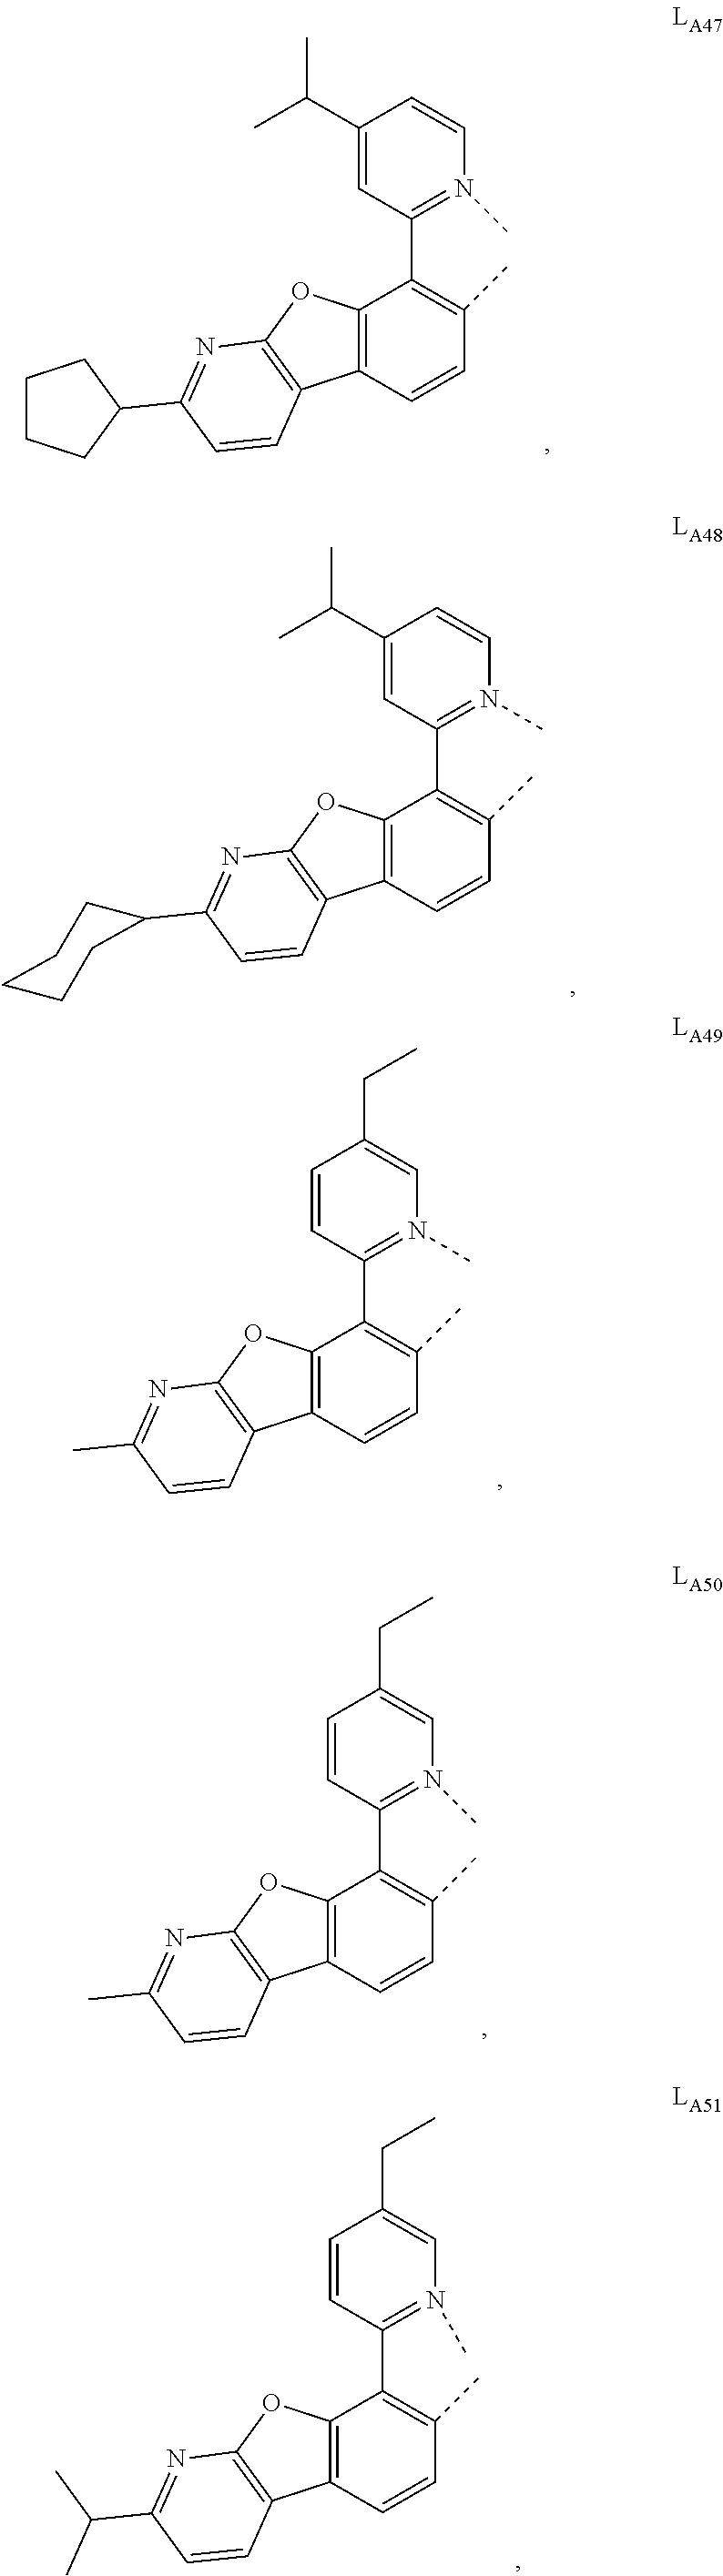 Figure US20160049599A1-20160218-C00410